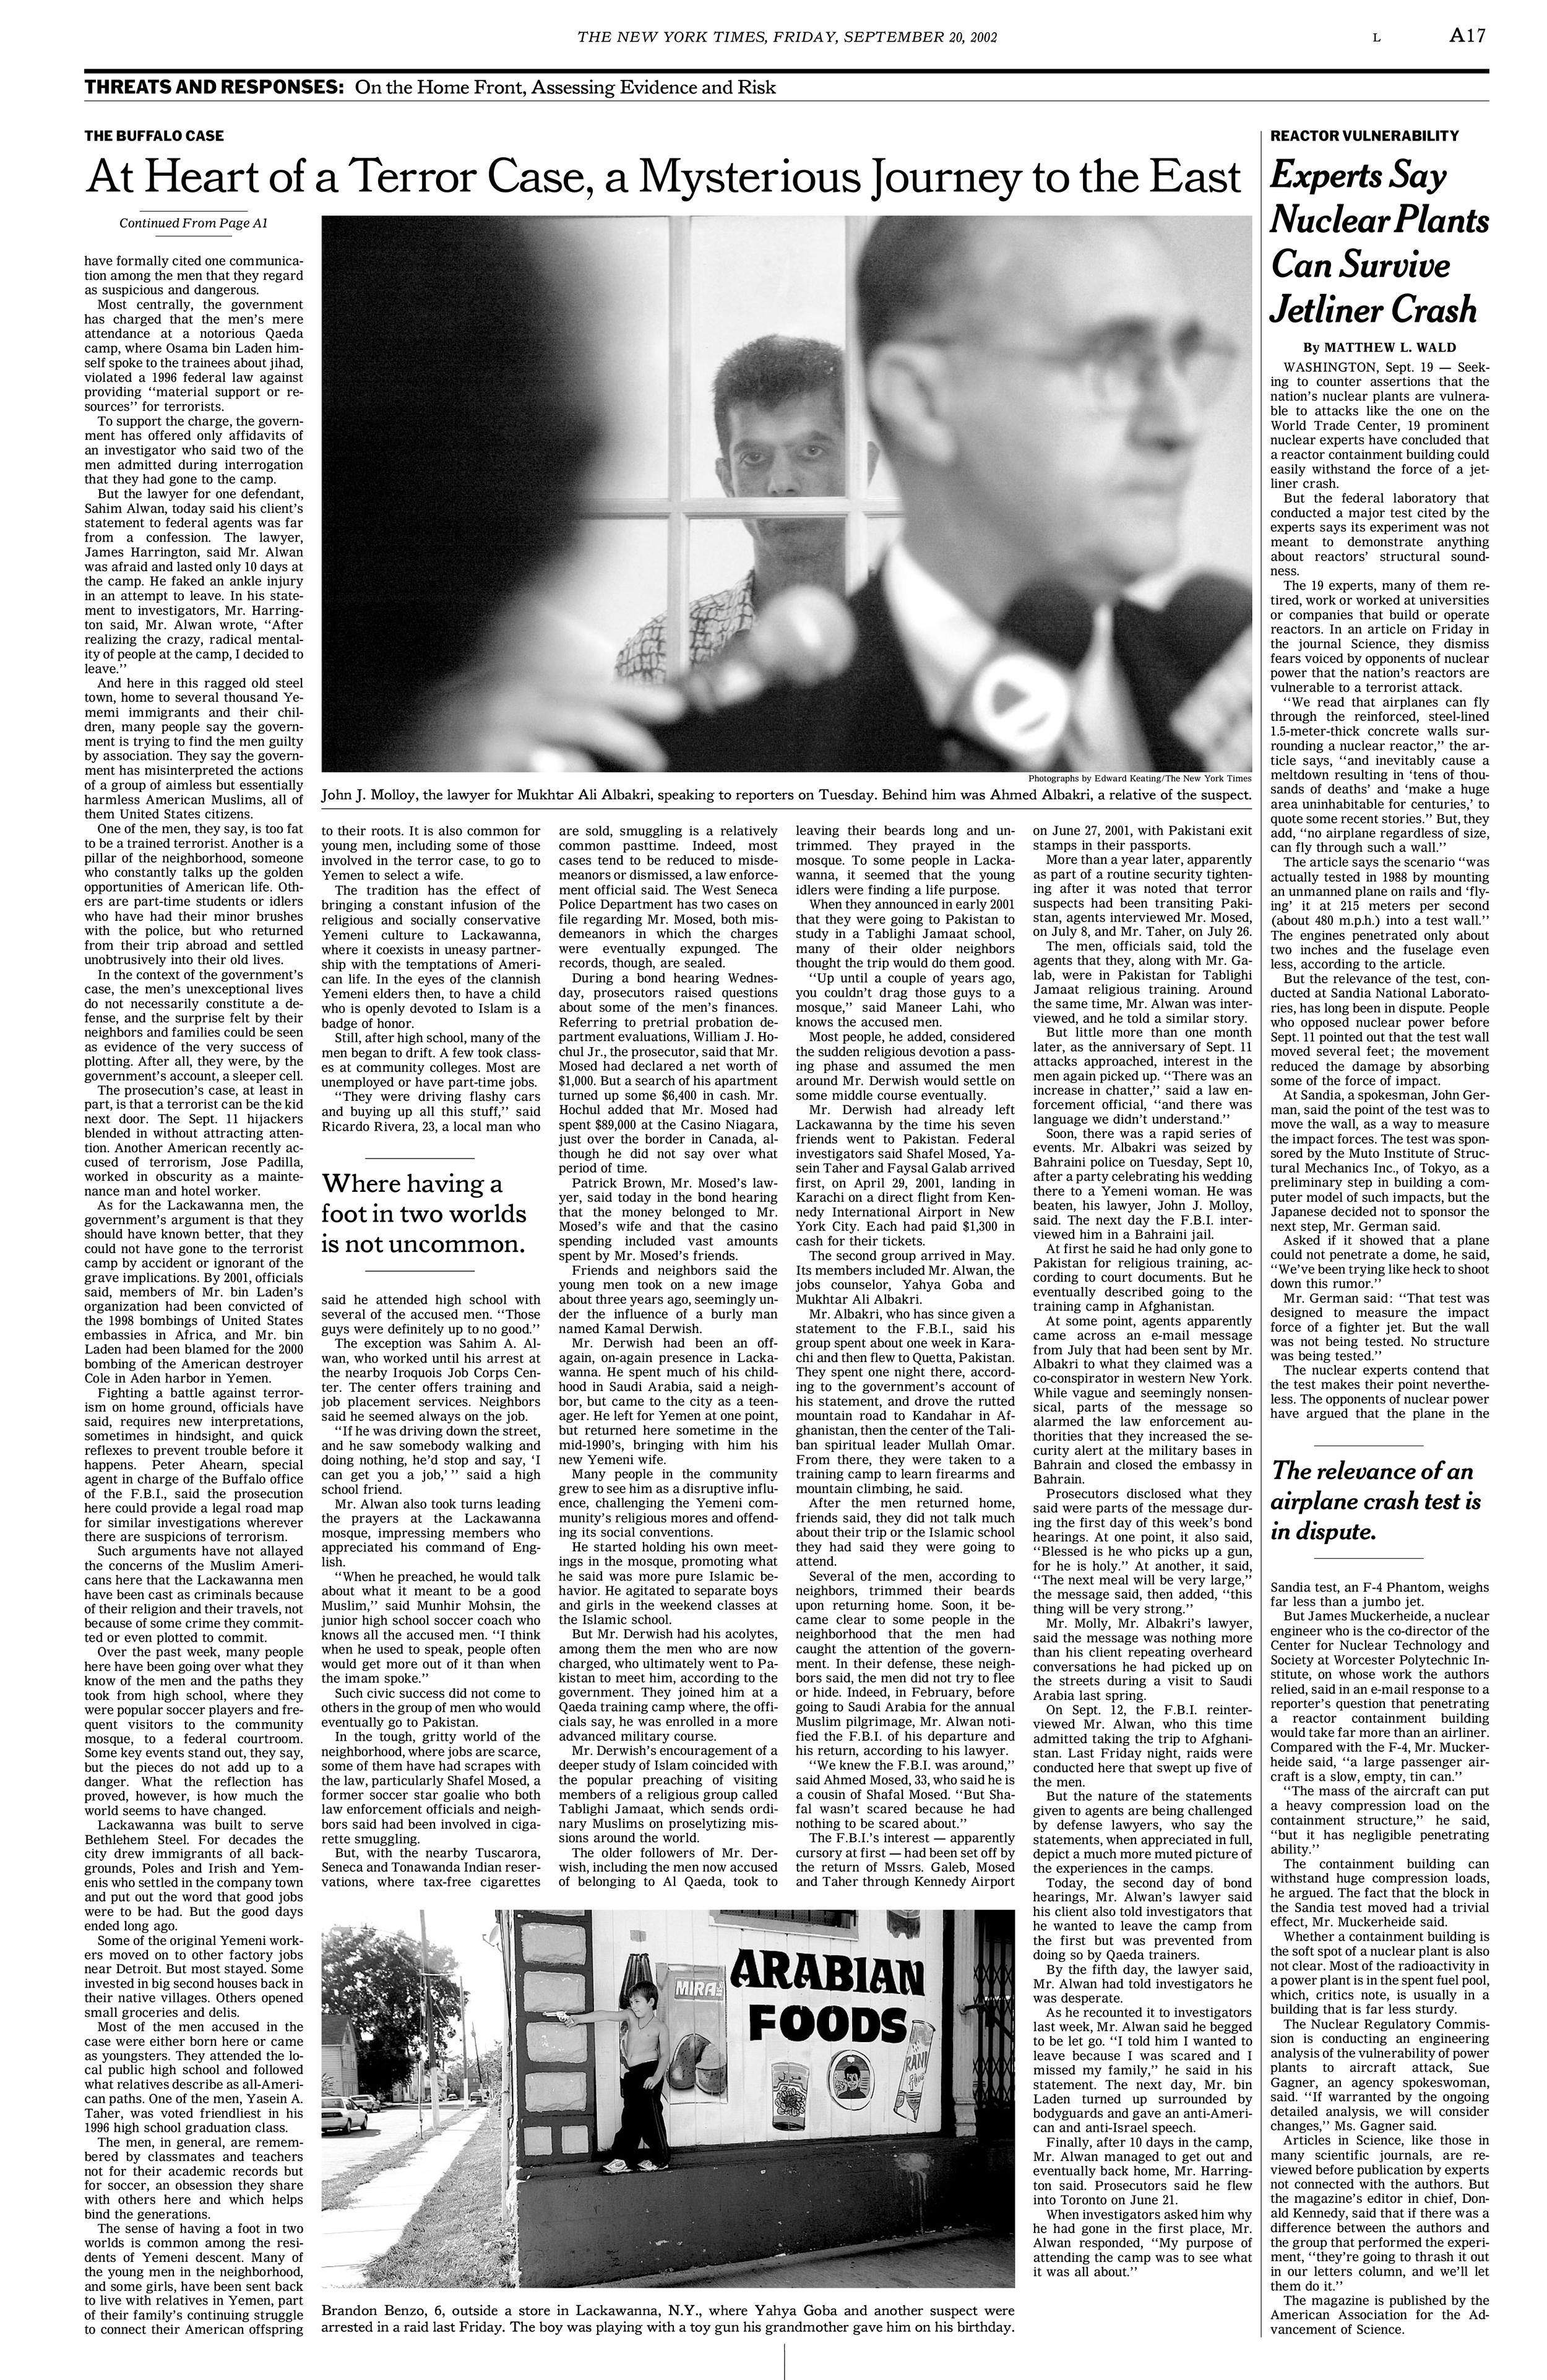 NYT2002-09-20A17-BW.jpg